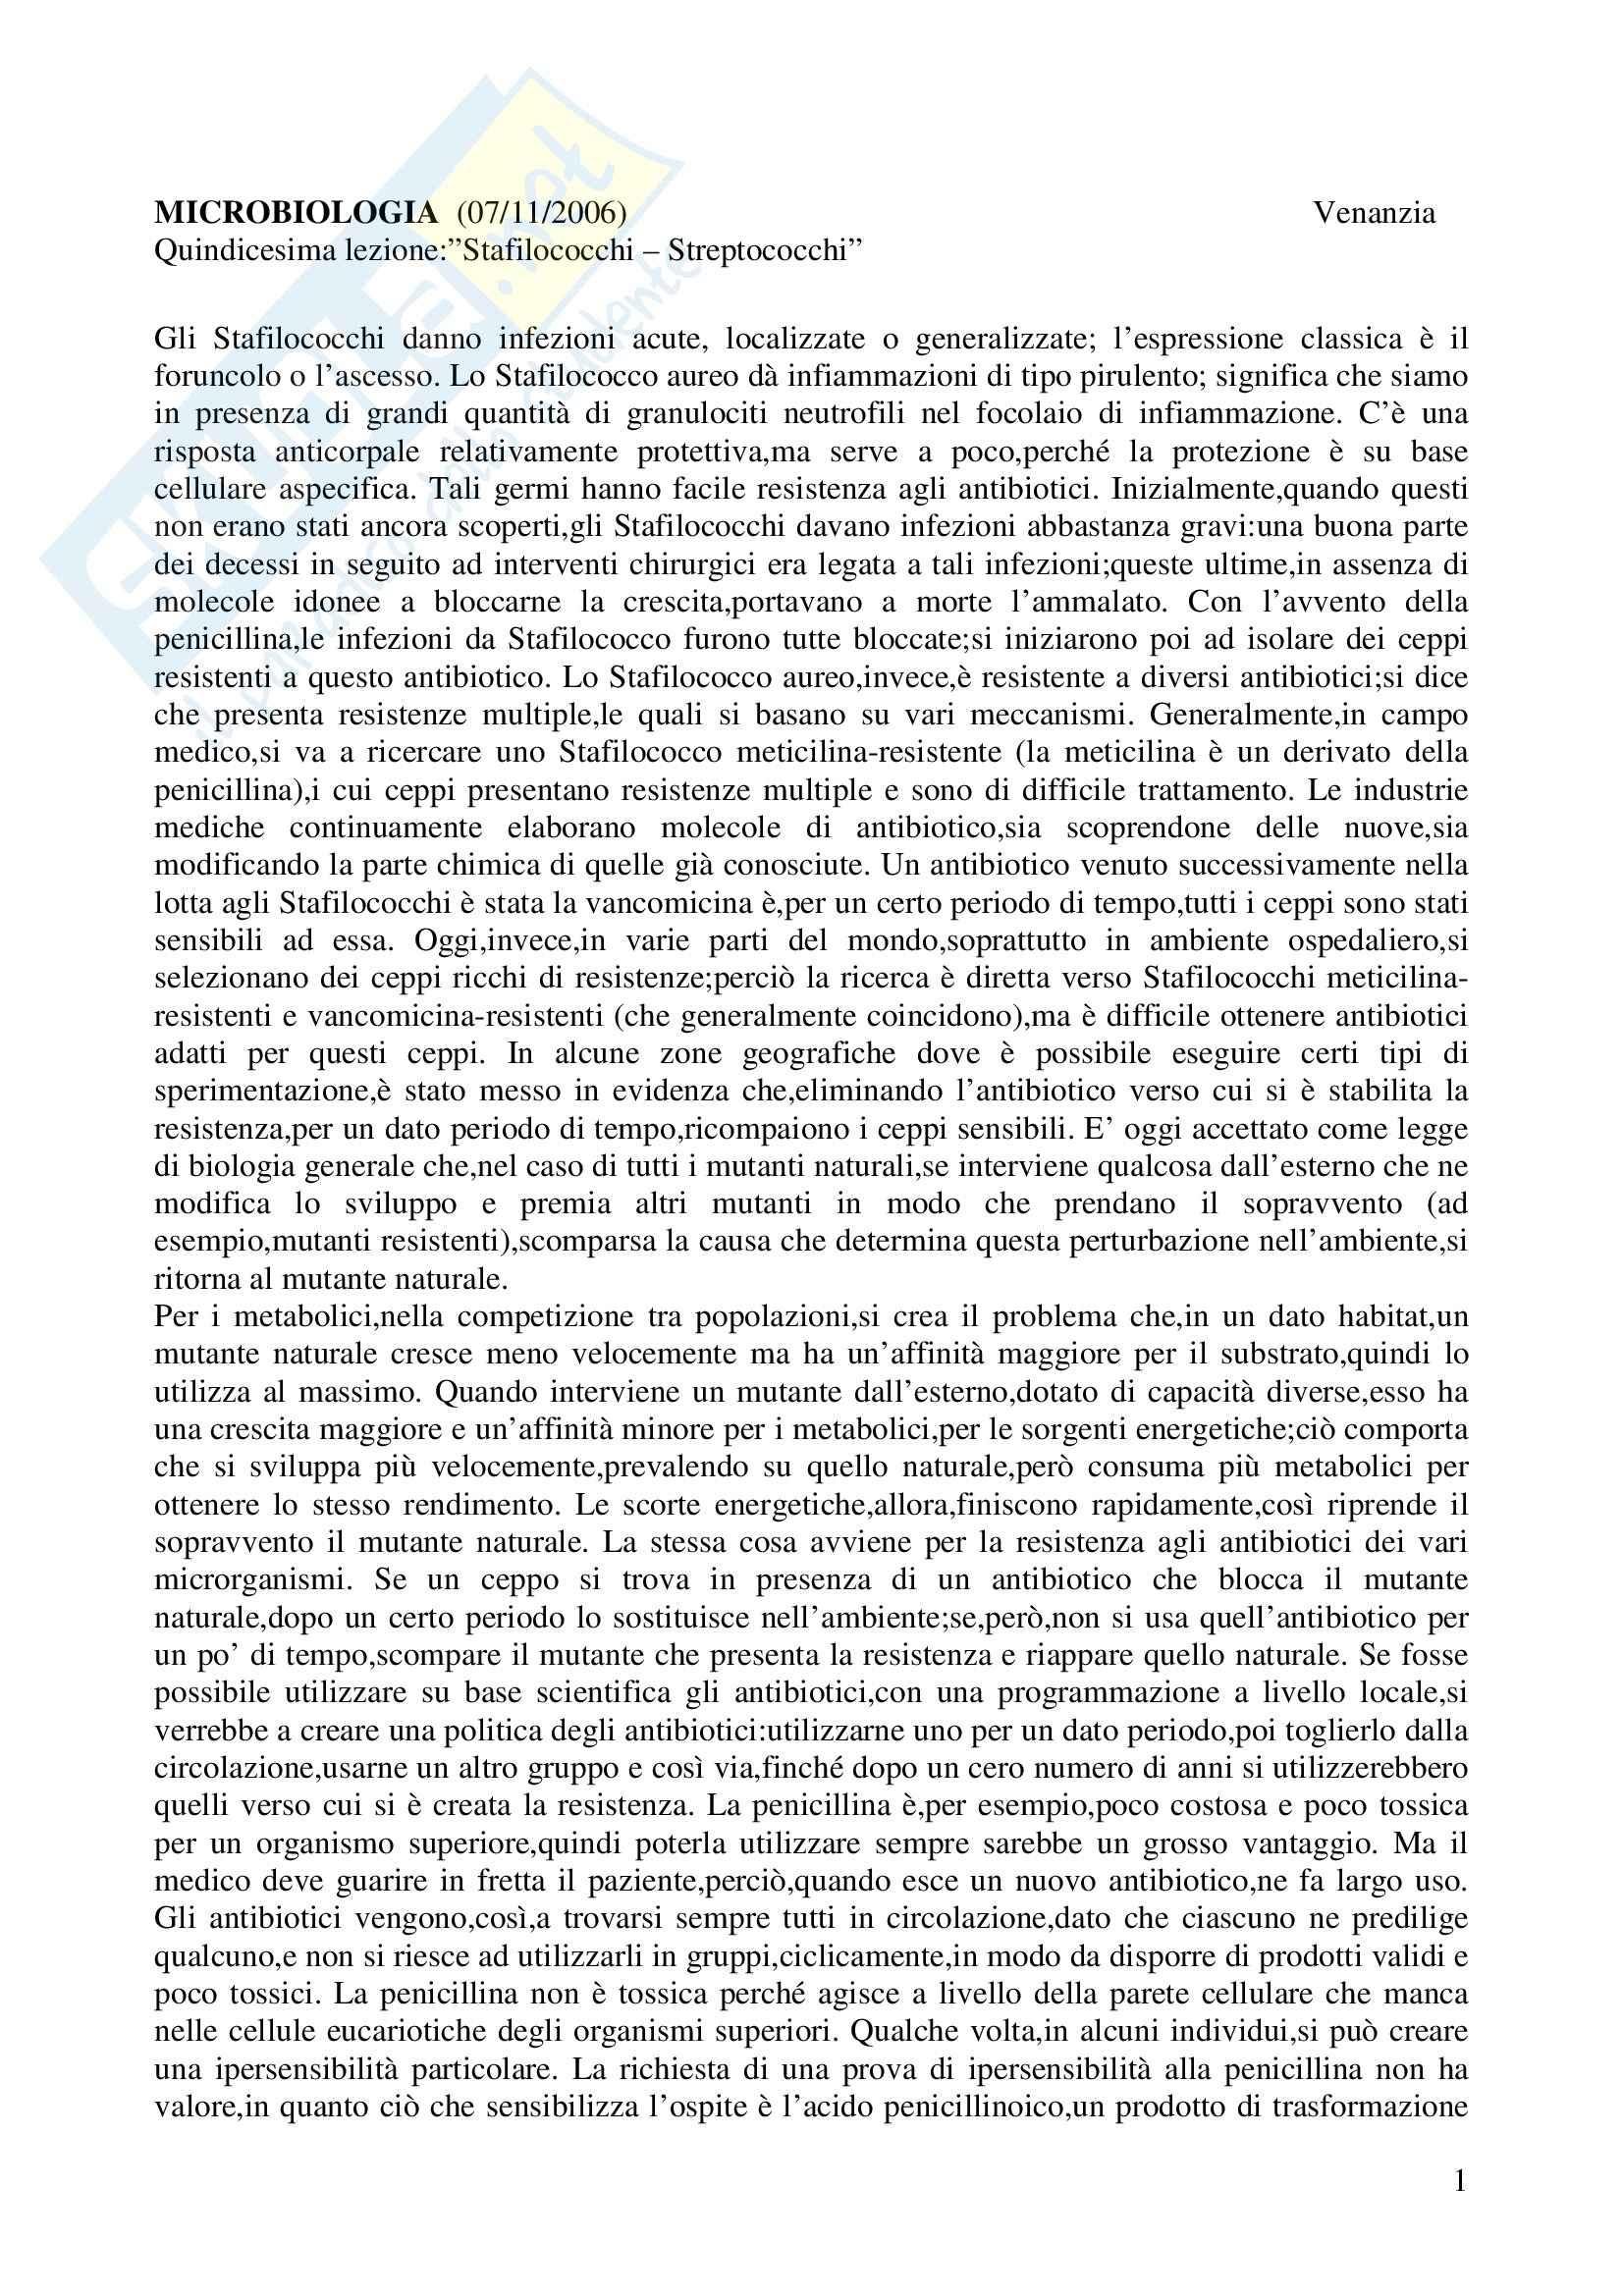 Microbiologia - stafilococchi e streptococchi